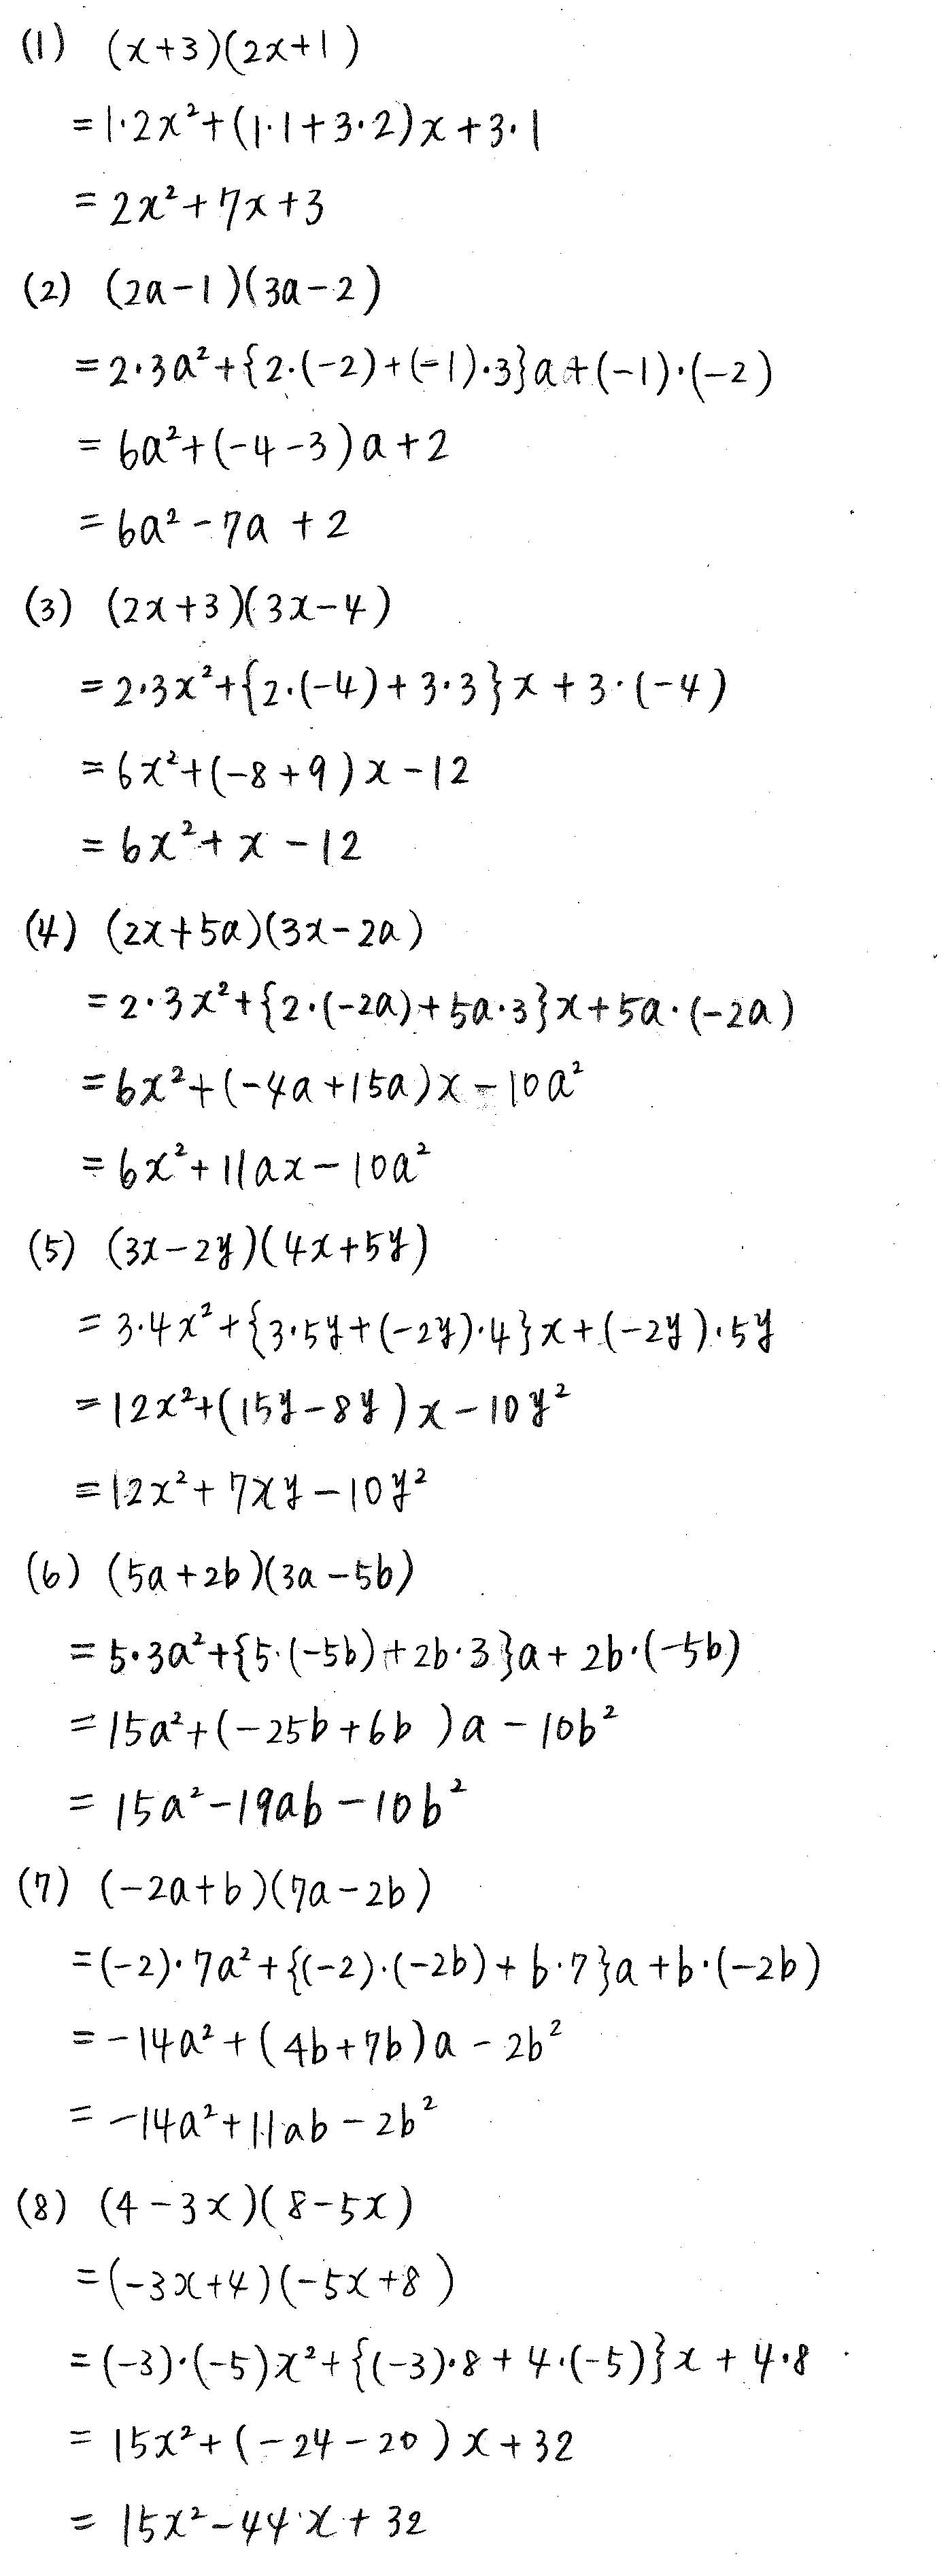 クリアー数学1-21解答